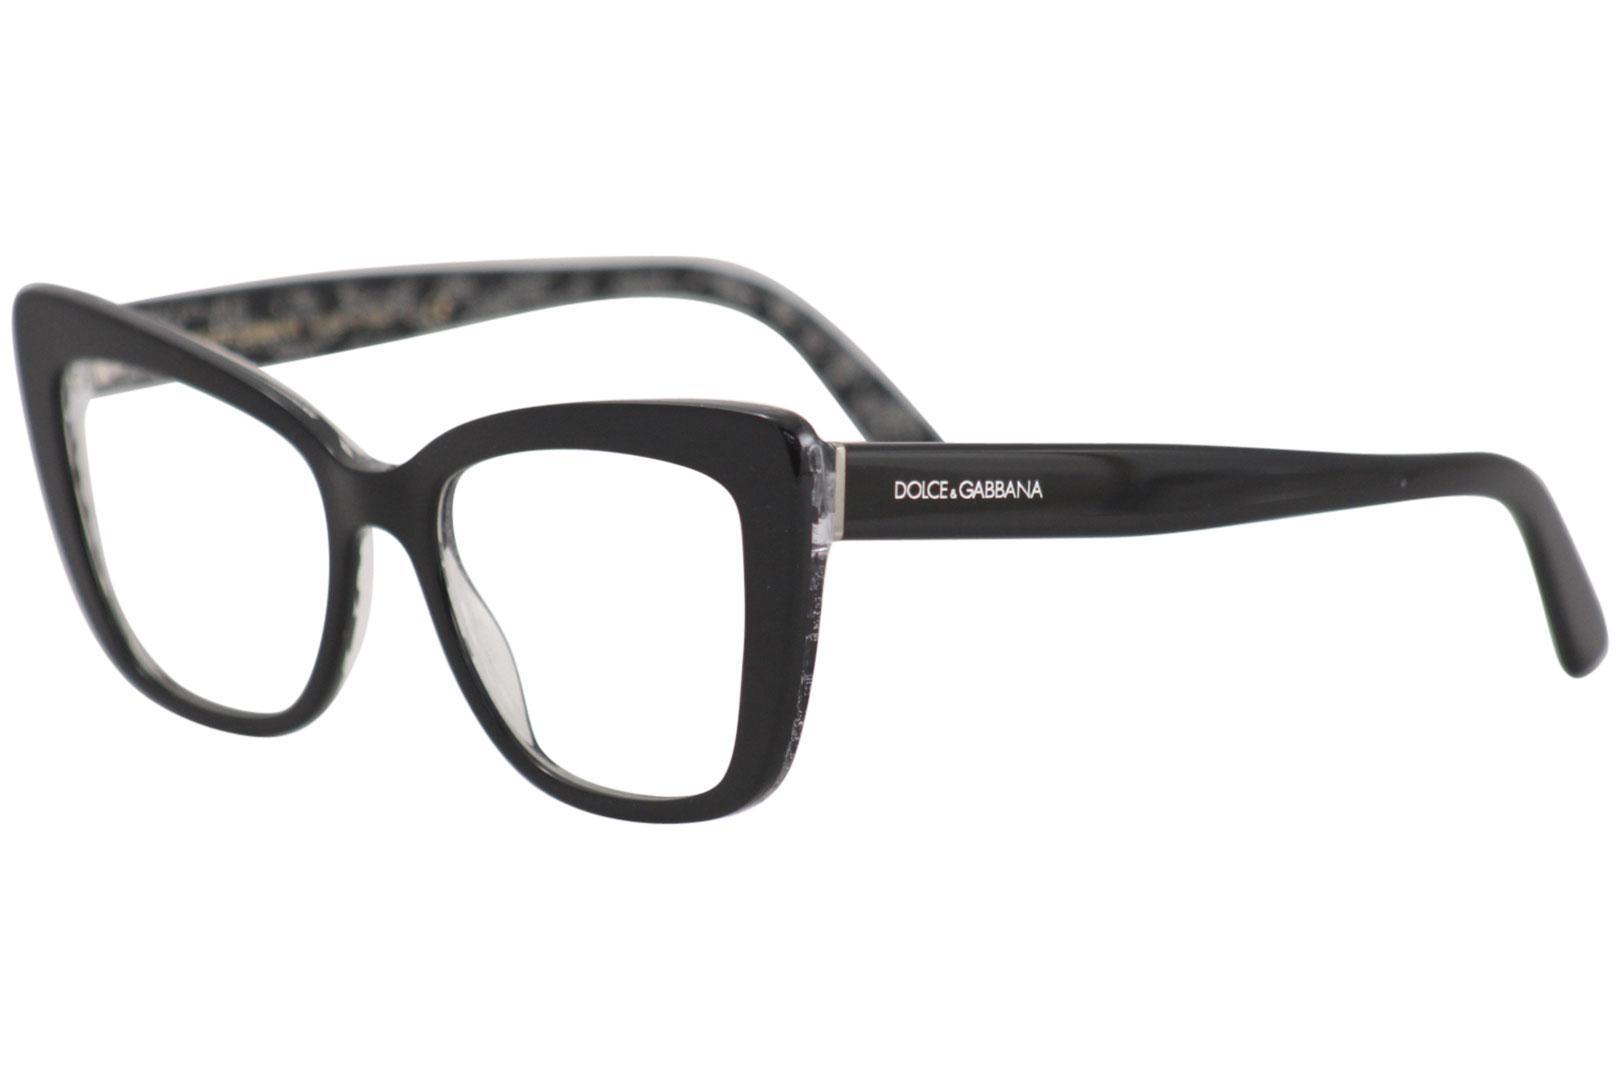 7556dde7f1 Dolce   Gabbana Women s Eyeglasses D G DG3308 DG 3308 Full Rim Optical Frame  by Dolce   Gabbana